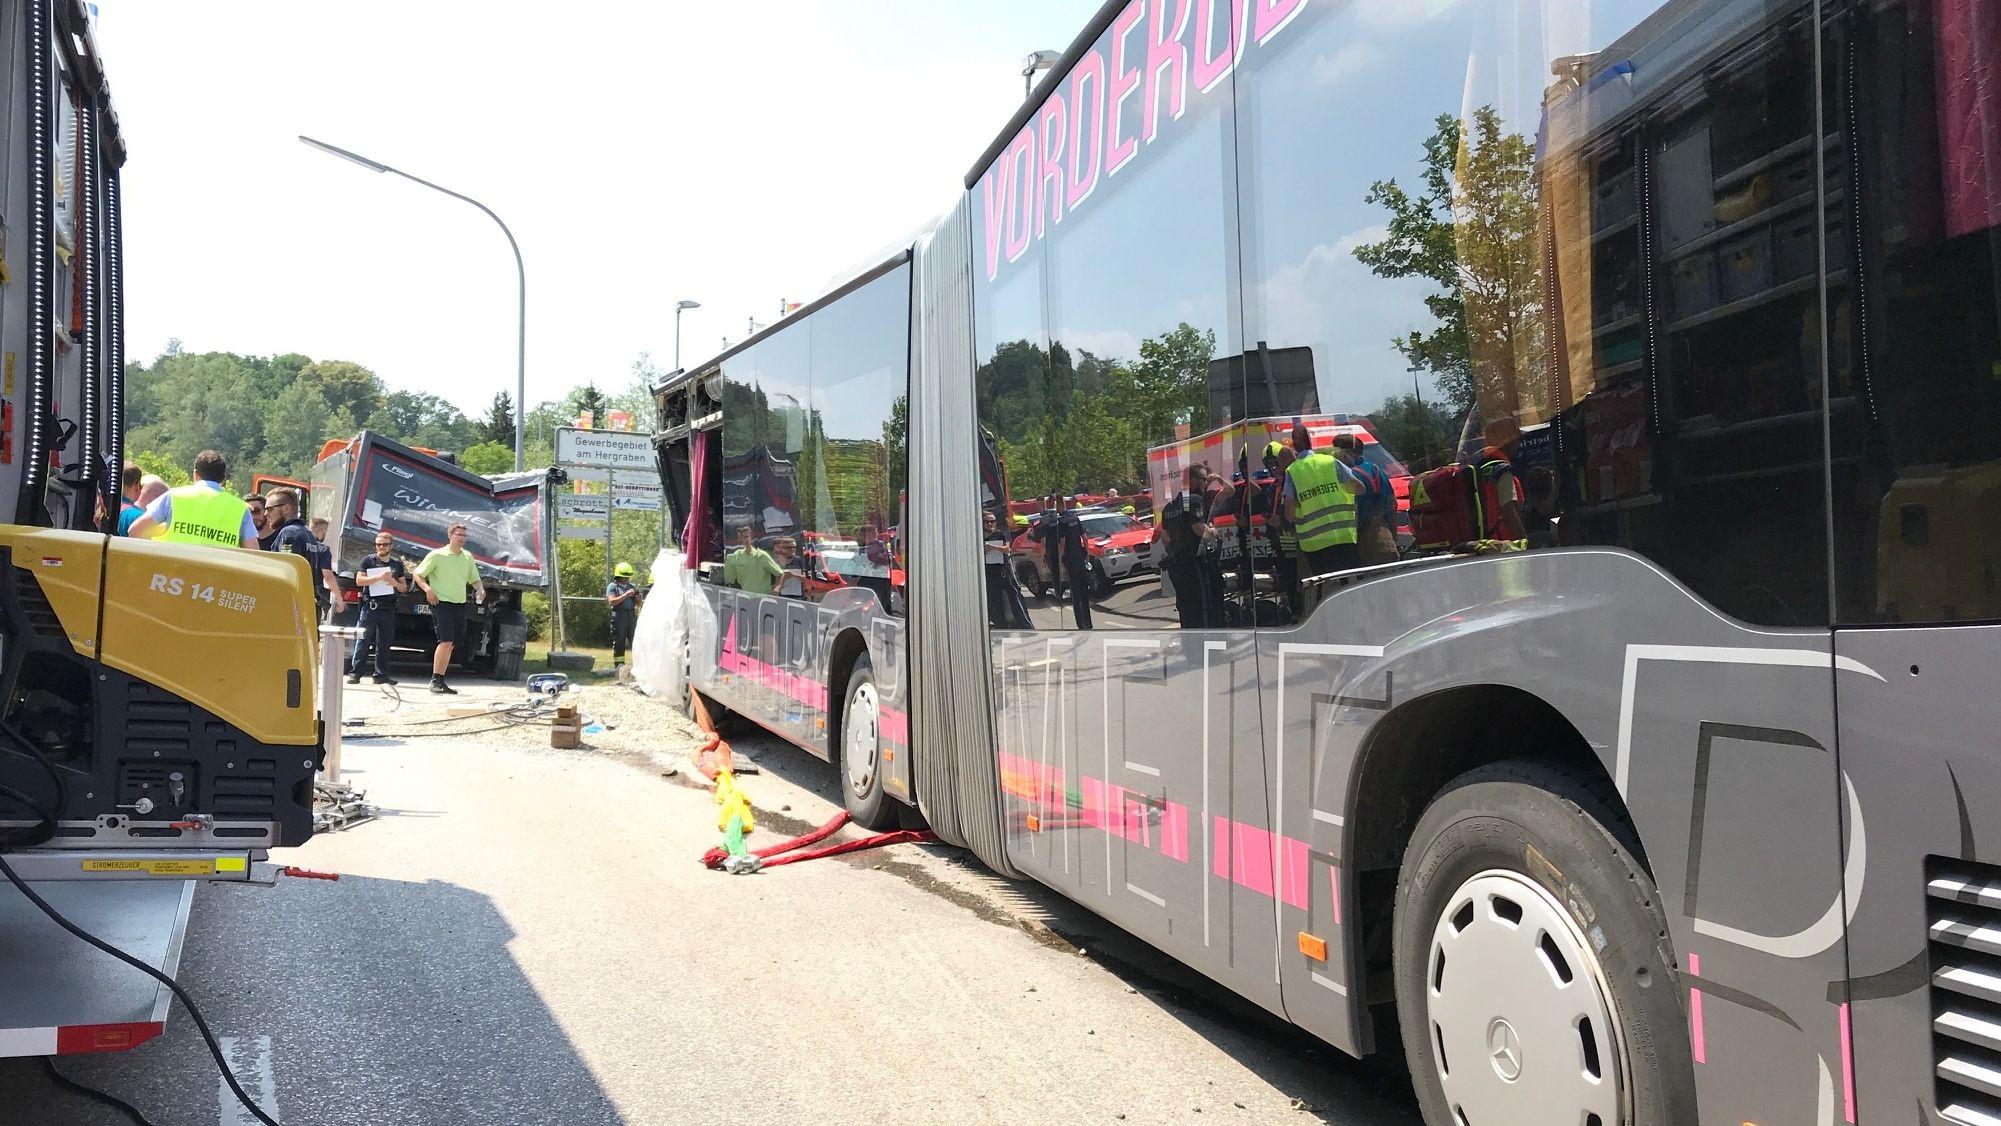 Zahlreiche Verletzte bei Unfall mit Schulbus in Oberbayern